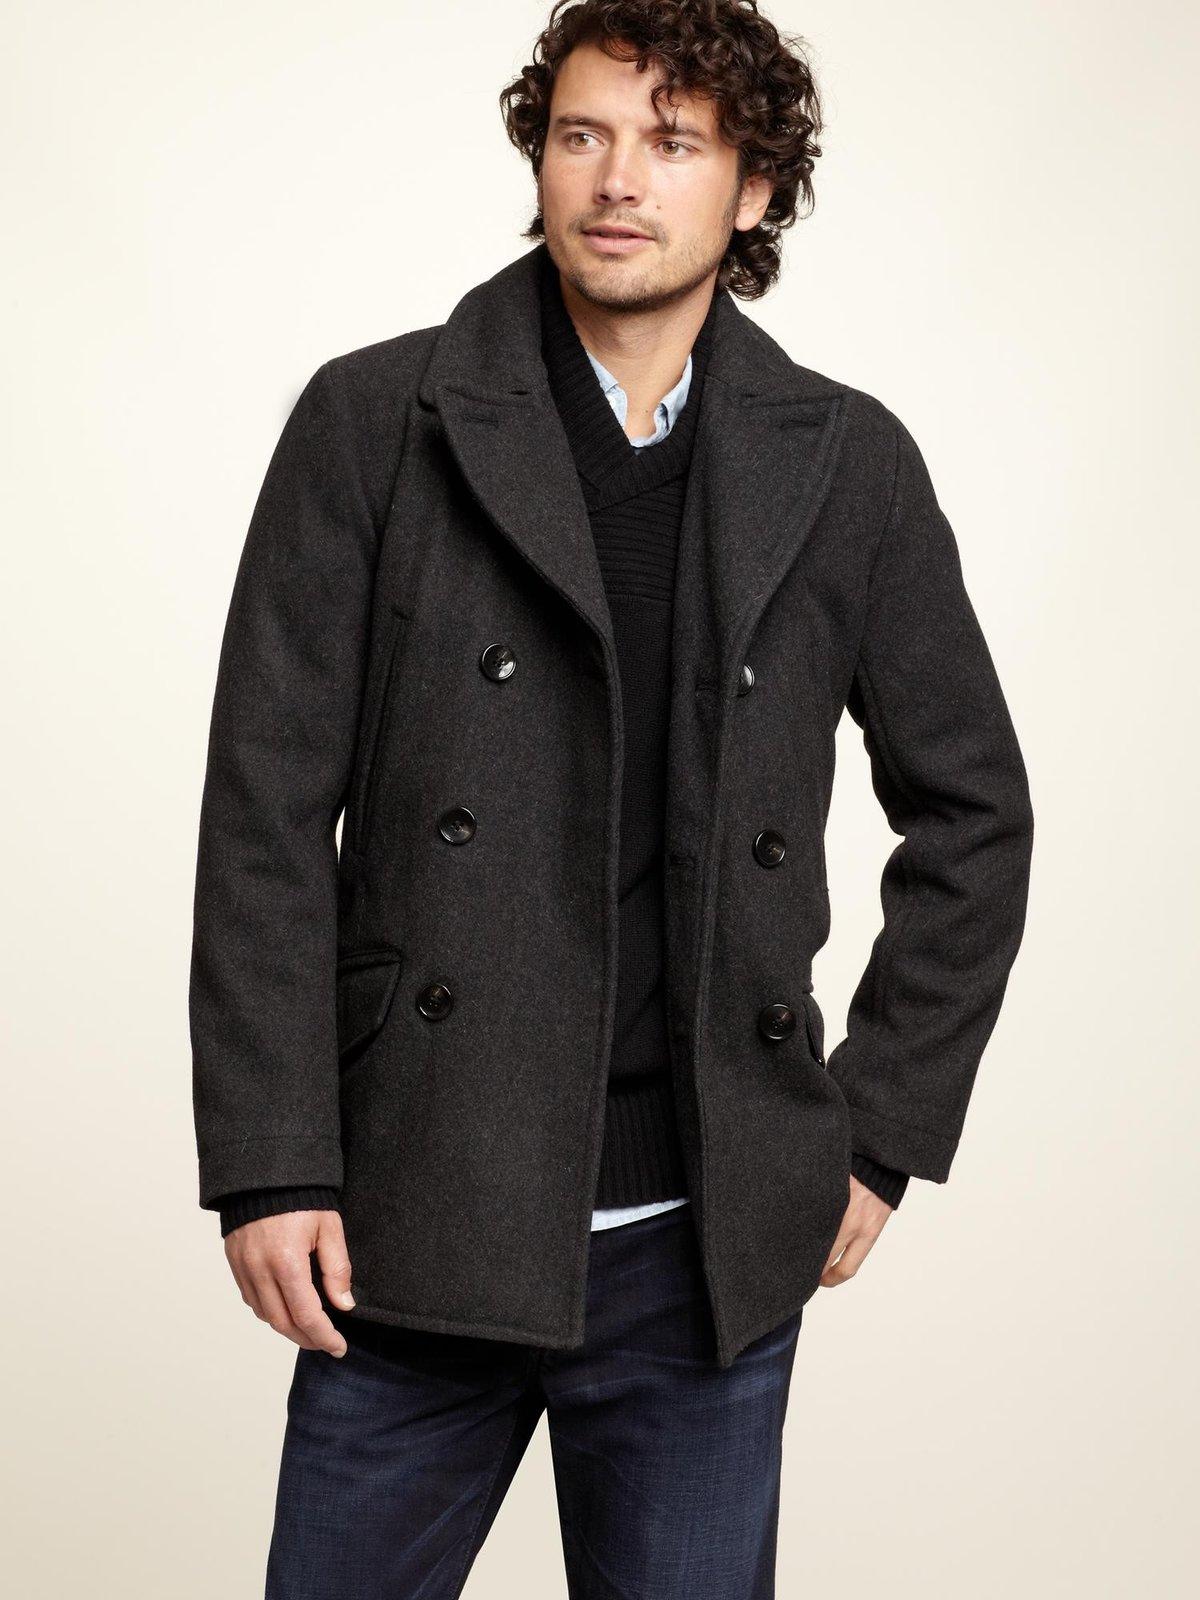 знайте грусти короткое пальто мужское фото дорога